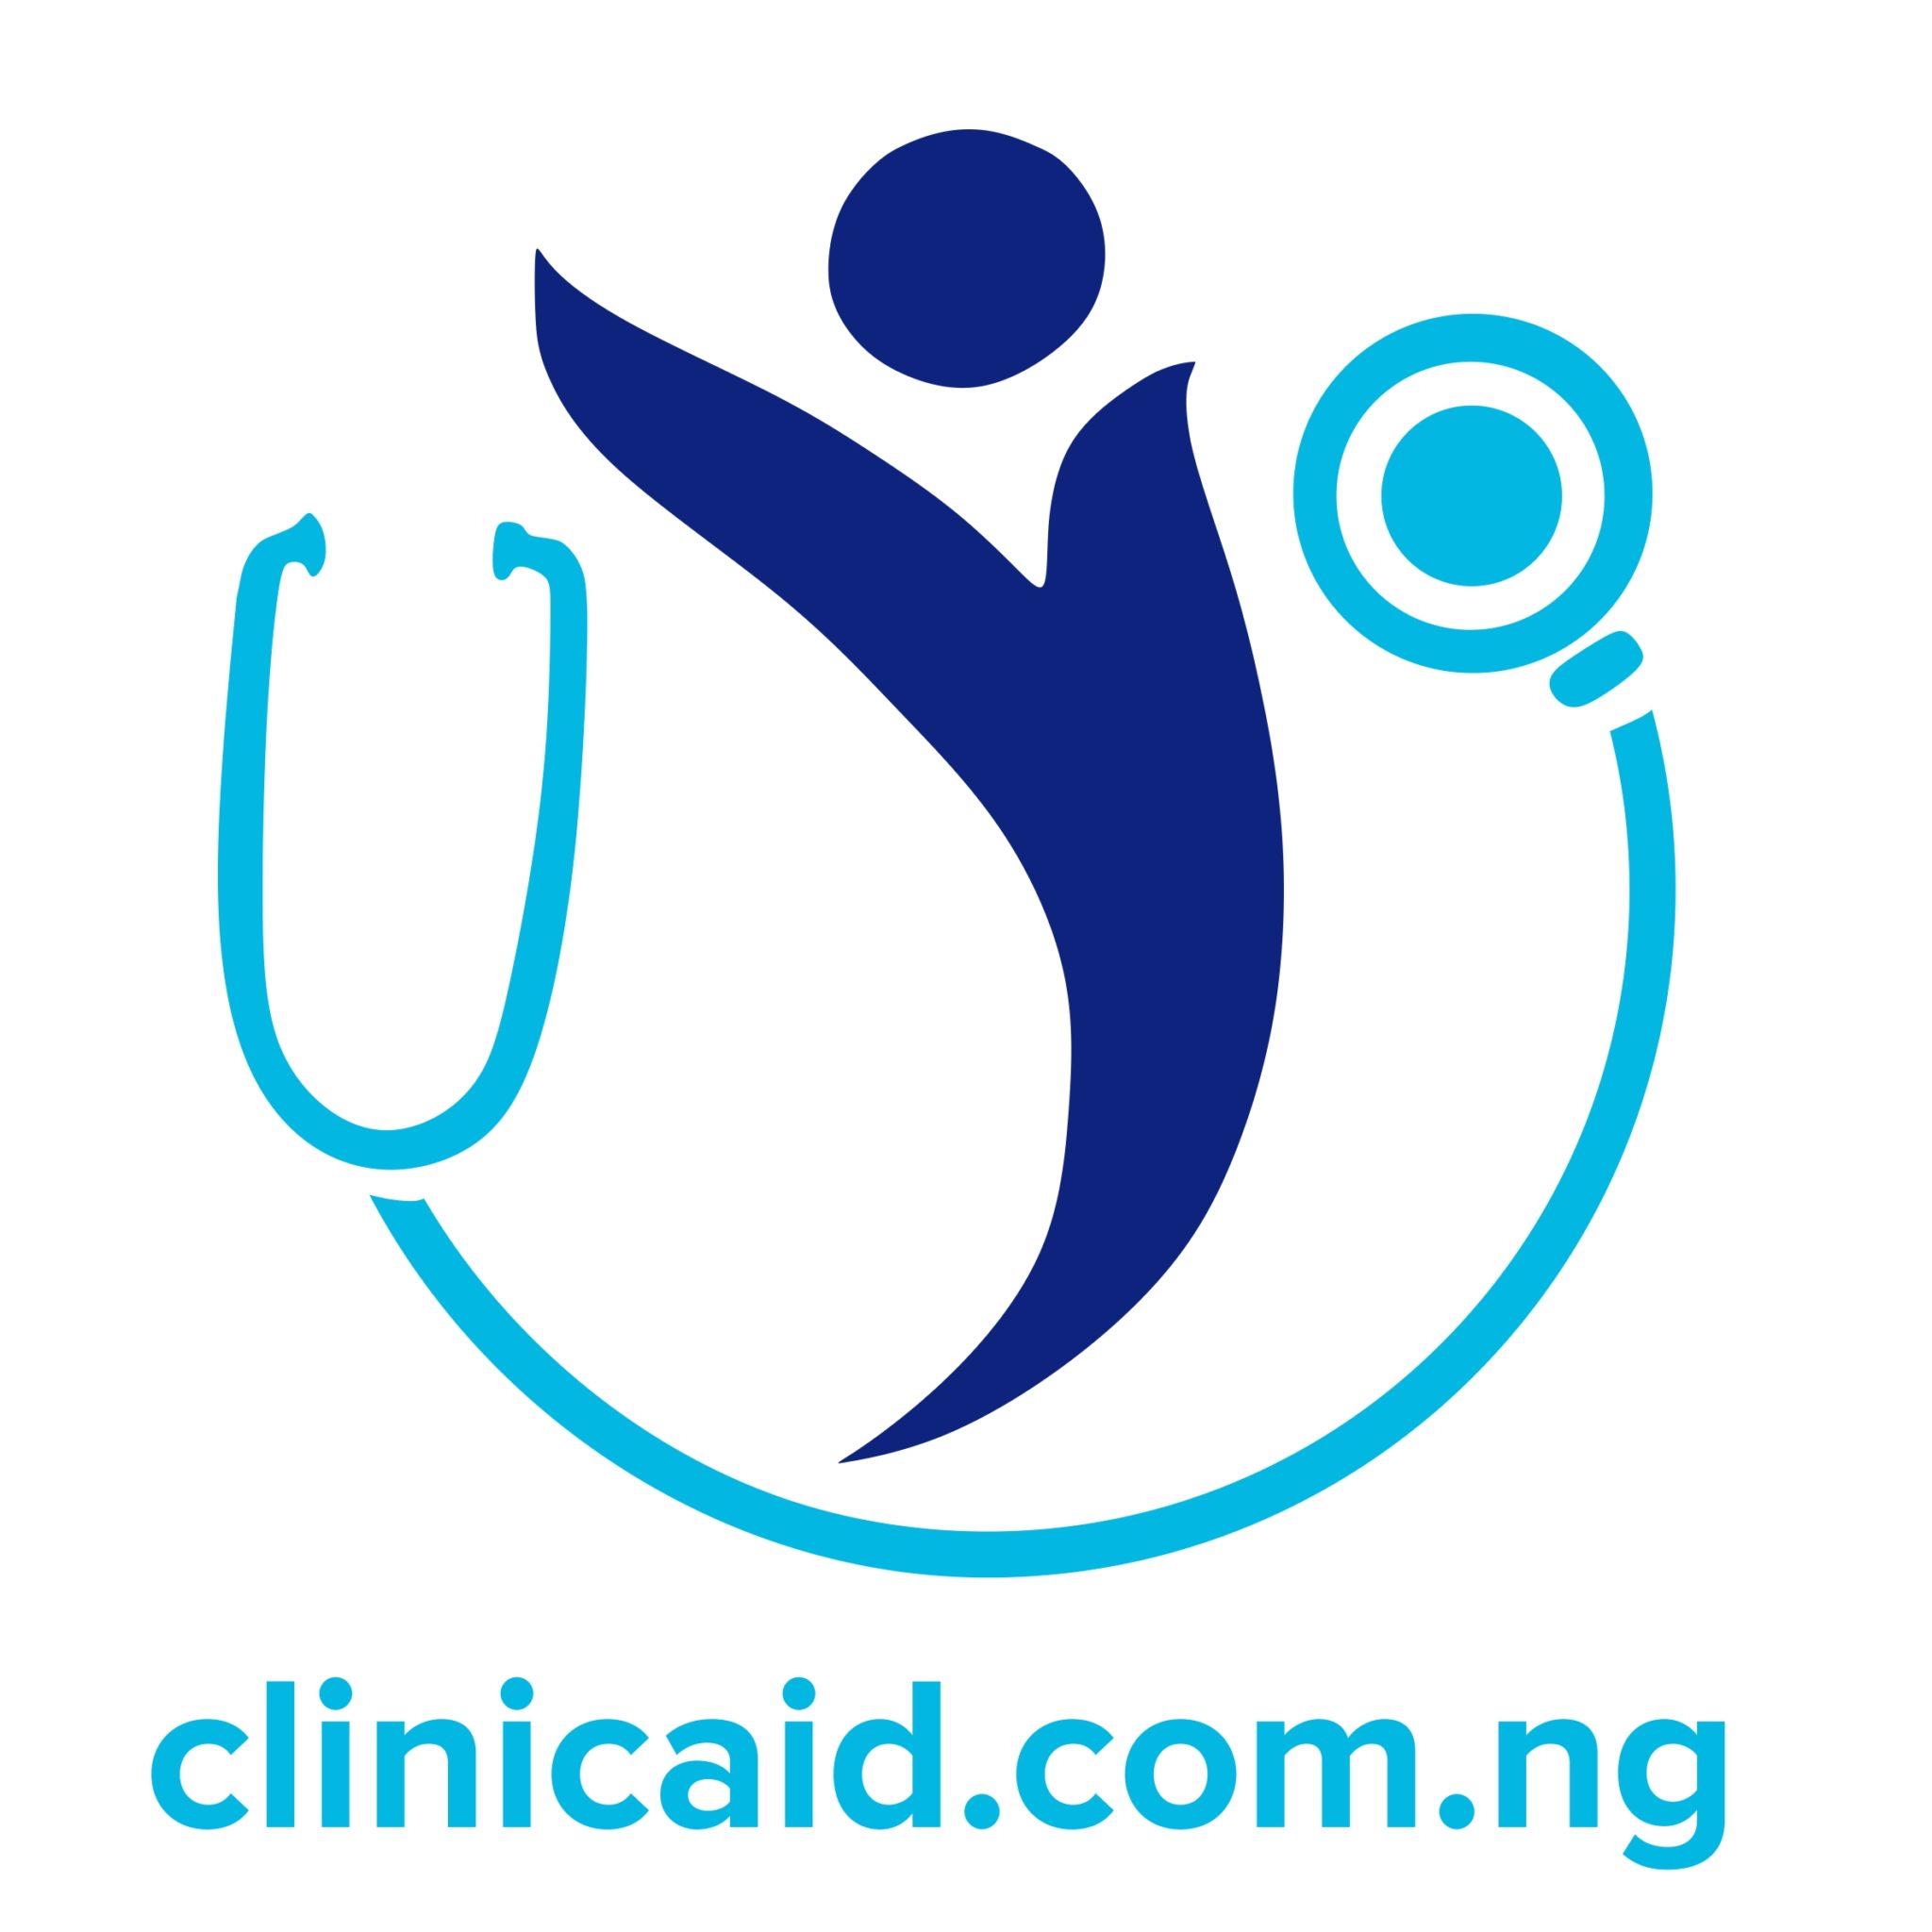 Clinicaid.com.ng